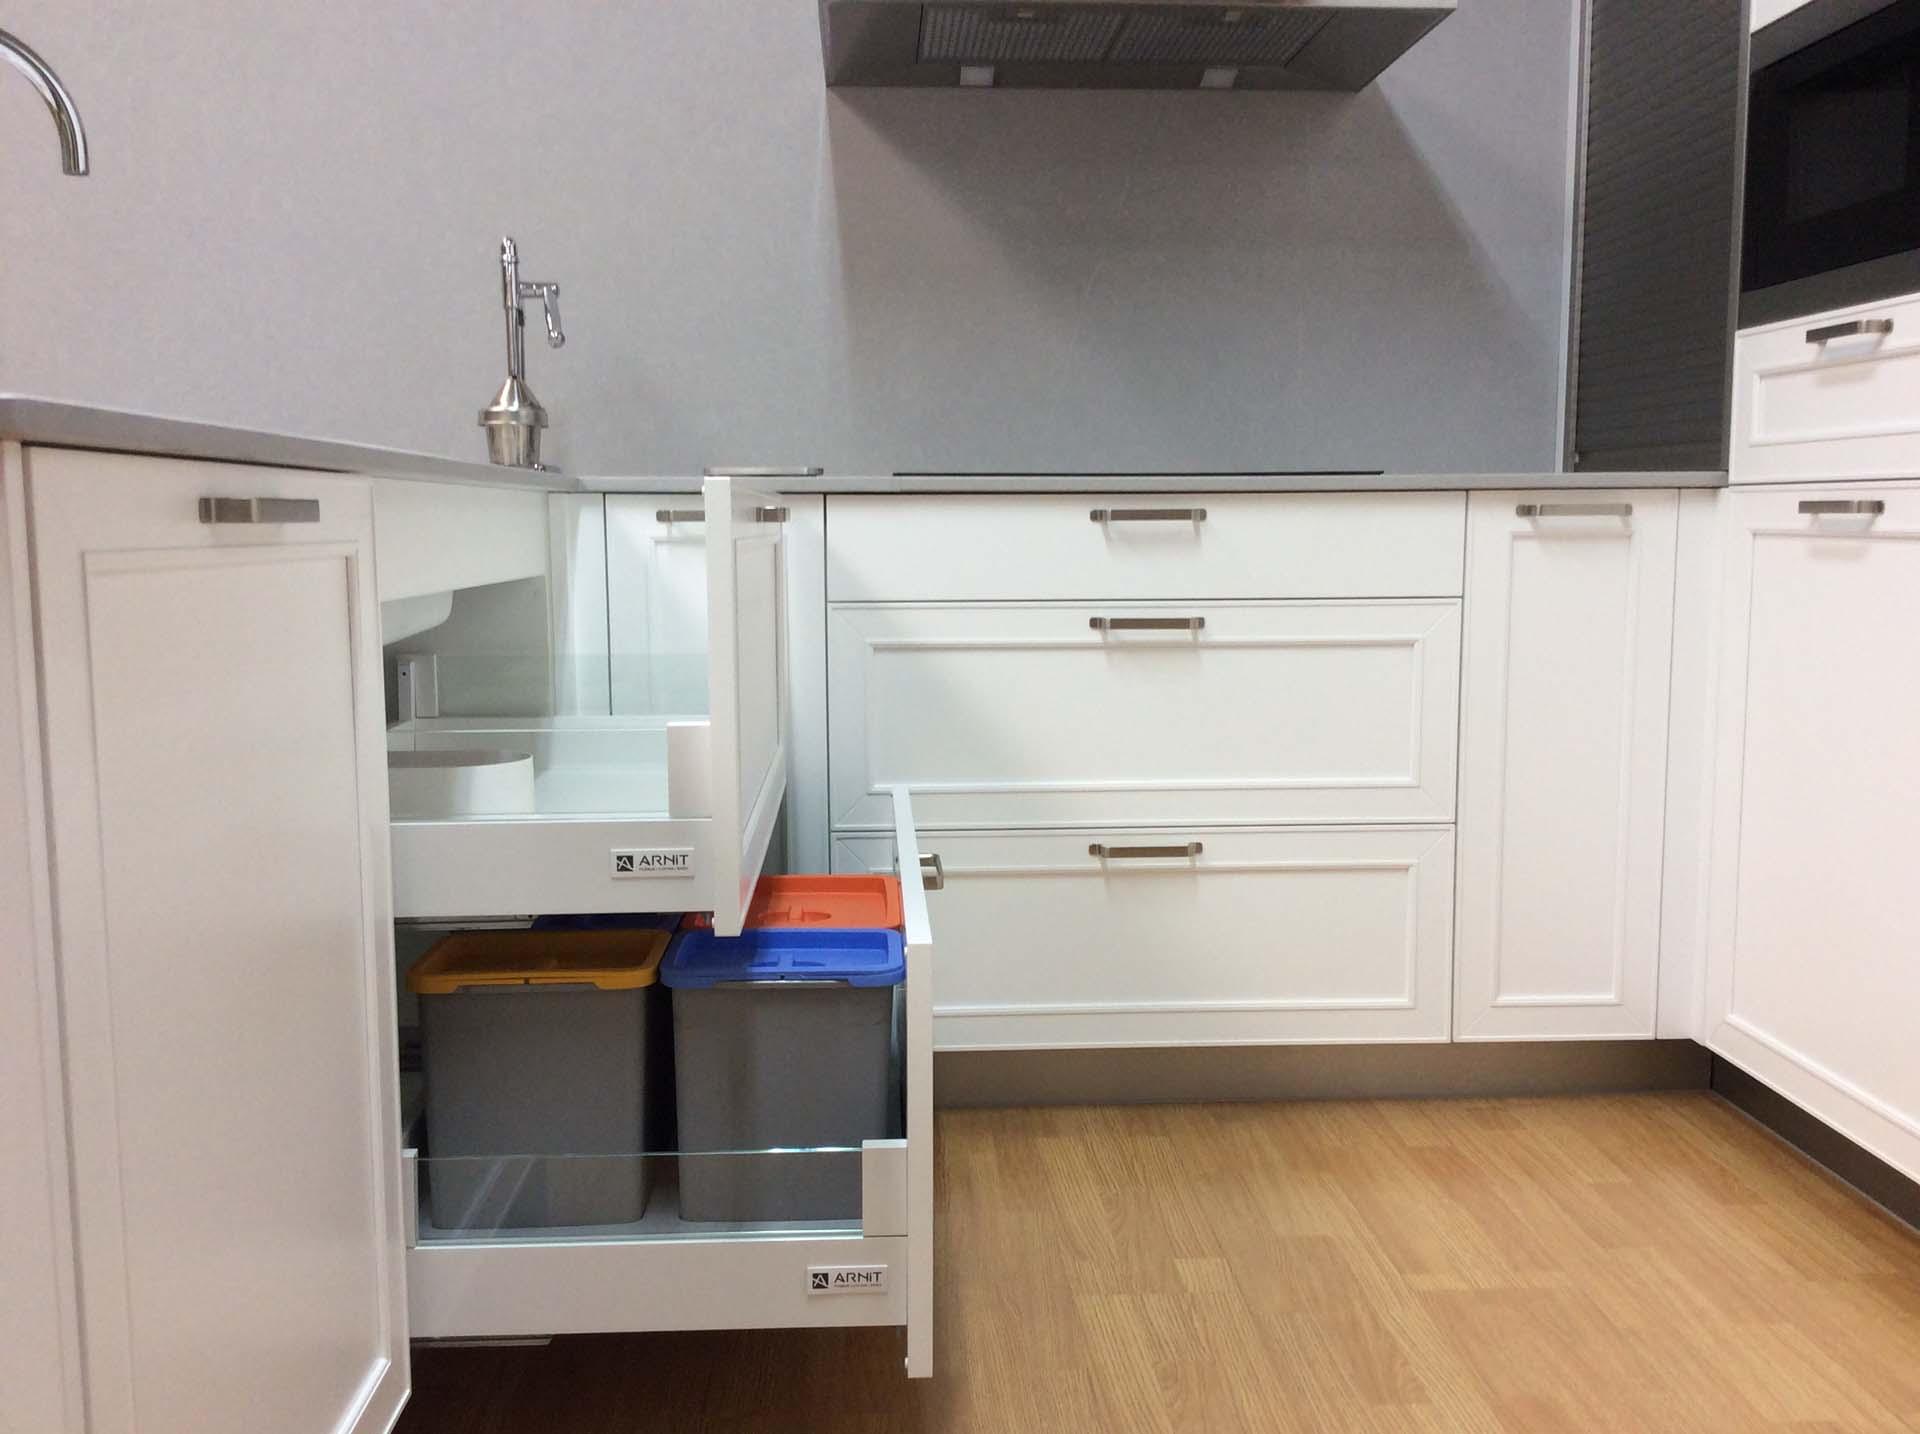 cocina cubos manuales bajo fregadero